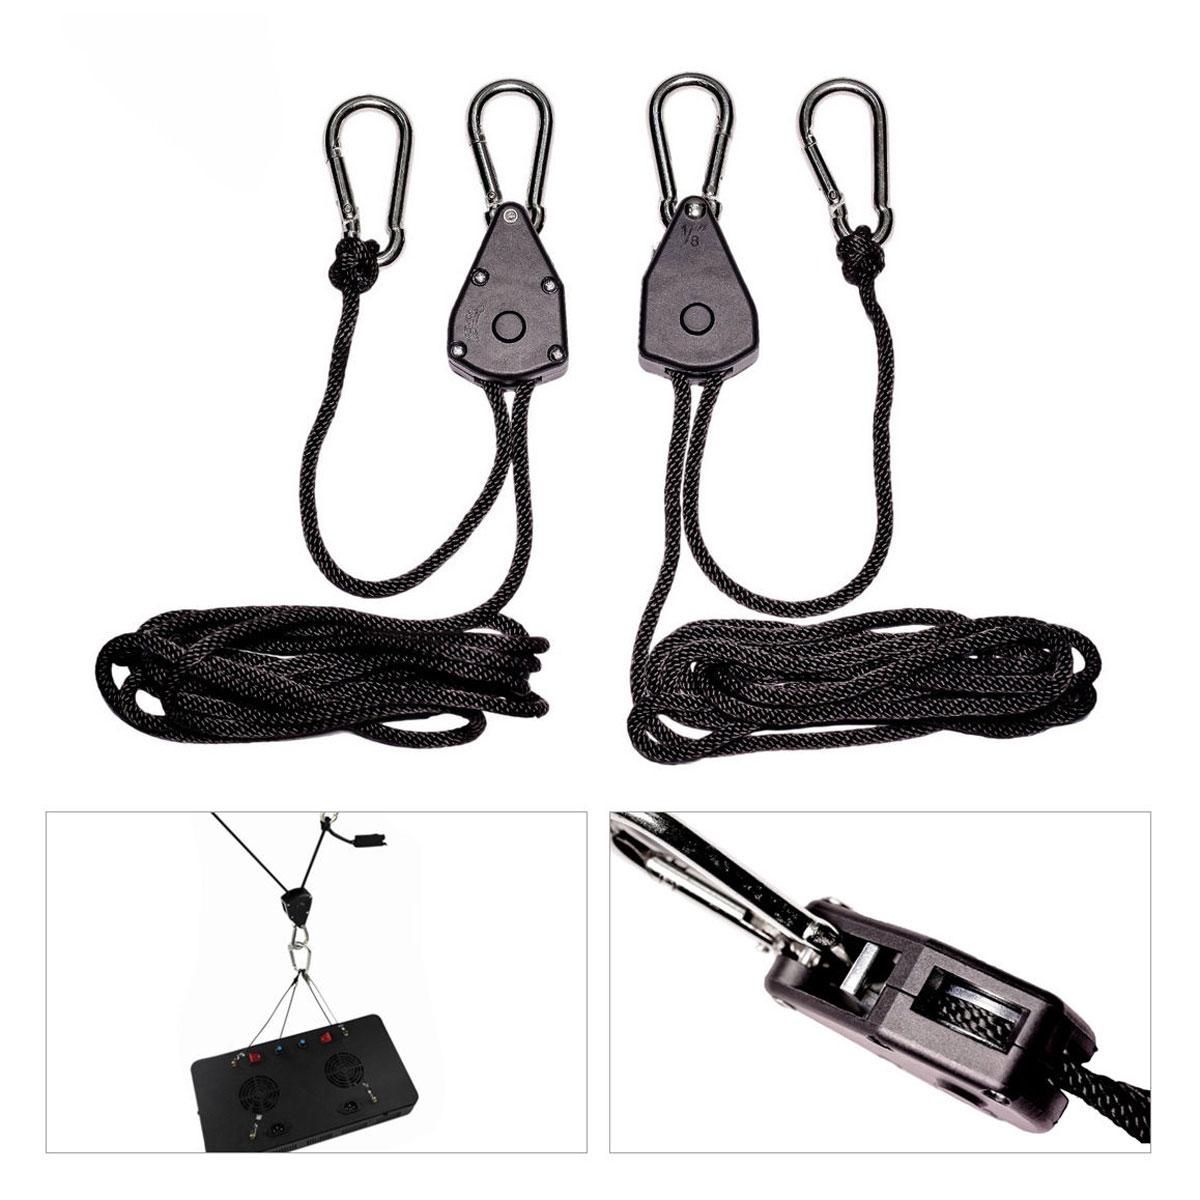 4PCS 1//8 Inch Heavy Duty Grow Light Ratchet Rope Hanger Yoyo for Fixtures Garden